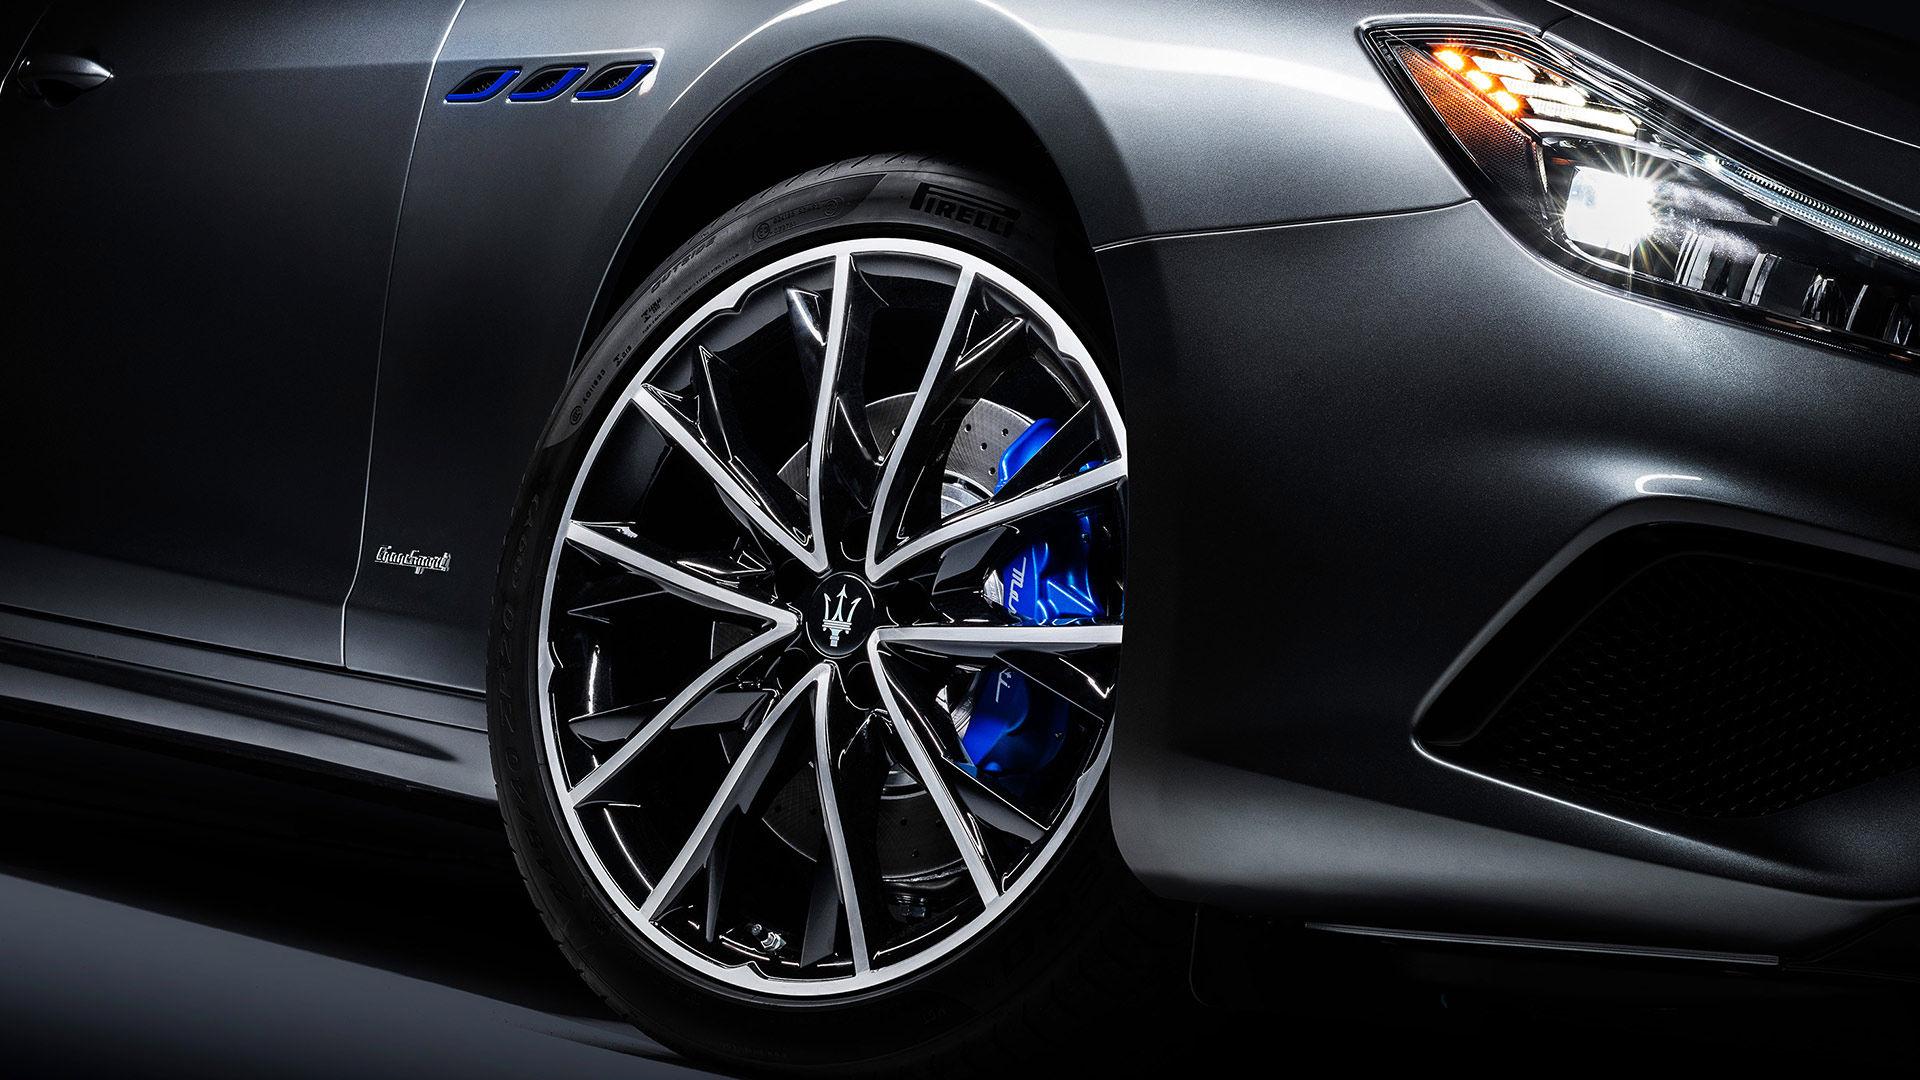 Maserati GranSport Felgen und blauer Bremssattel